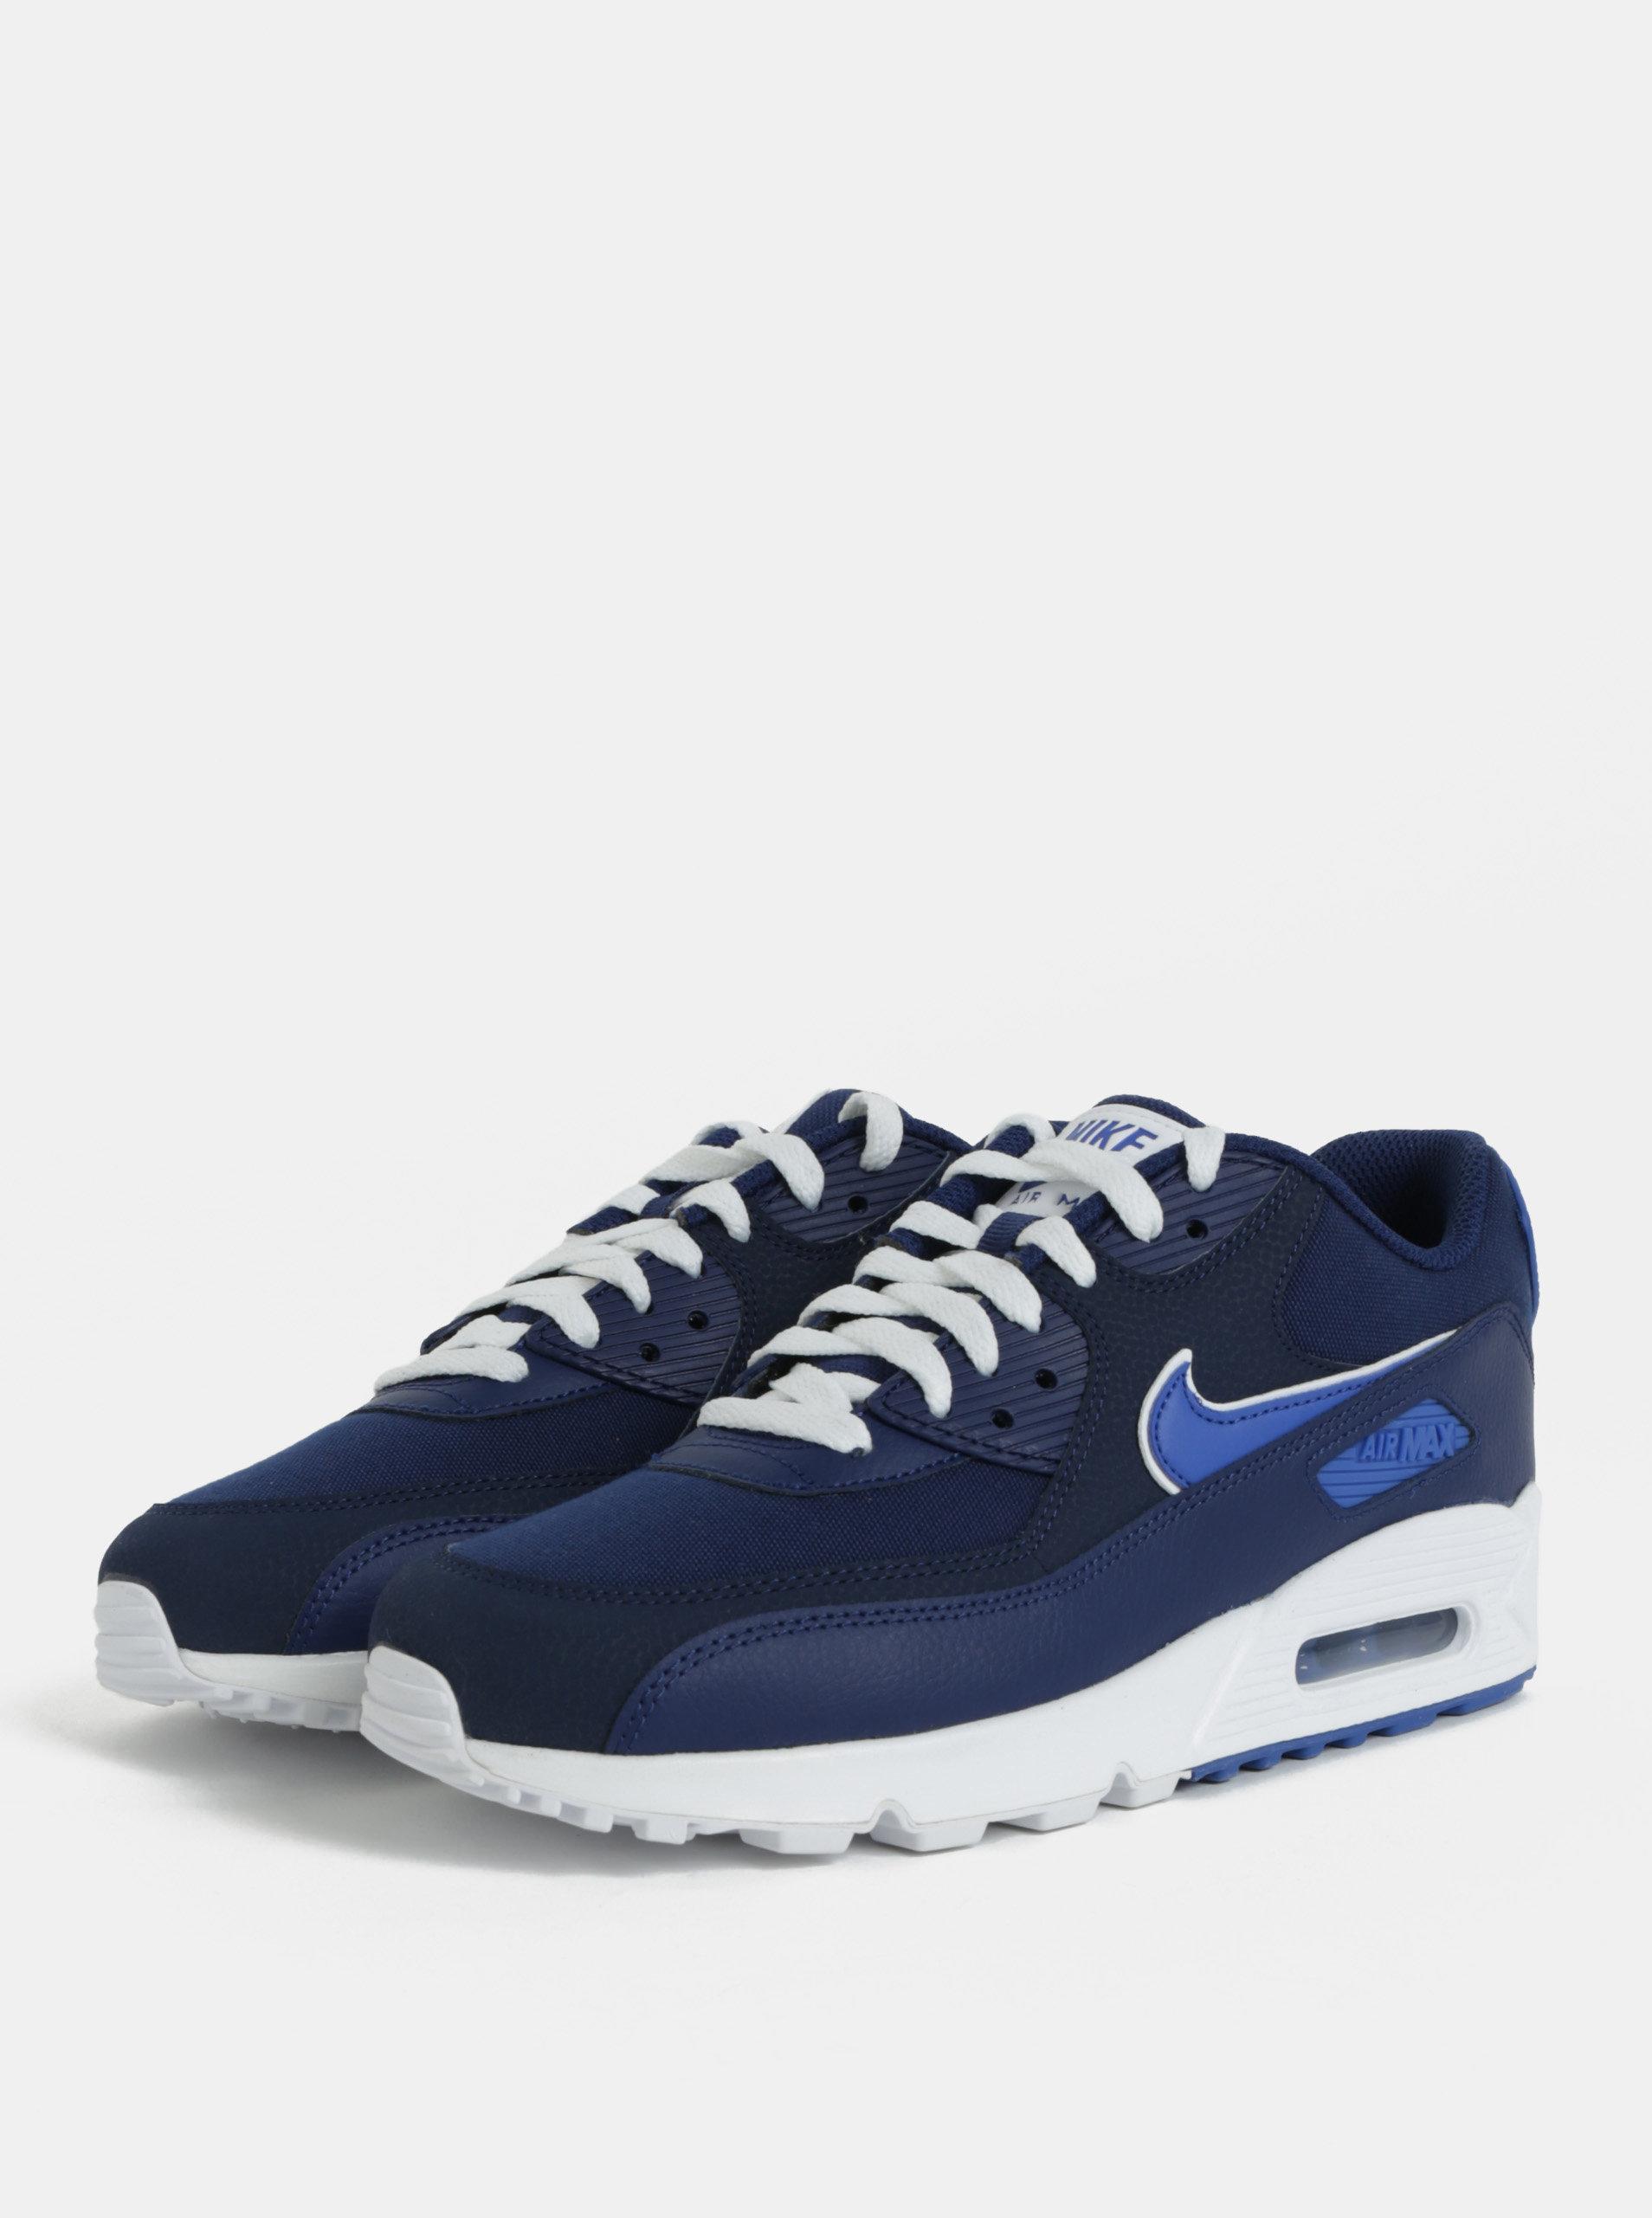 Modré pánské kožené tenisky Nike Air Max  90 Essential ... f7efadb4c61